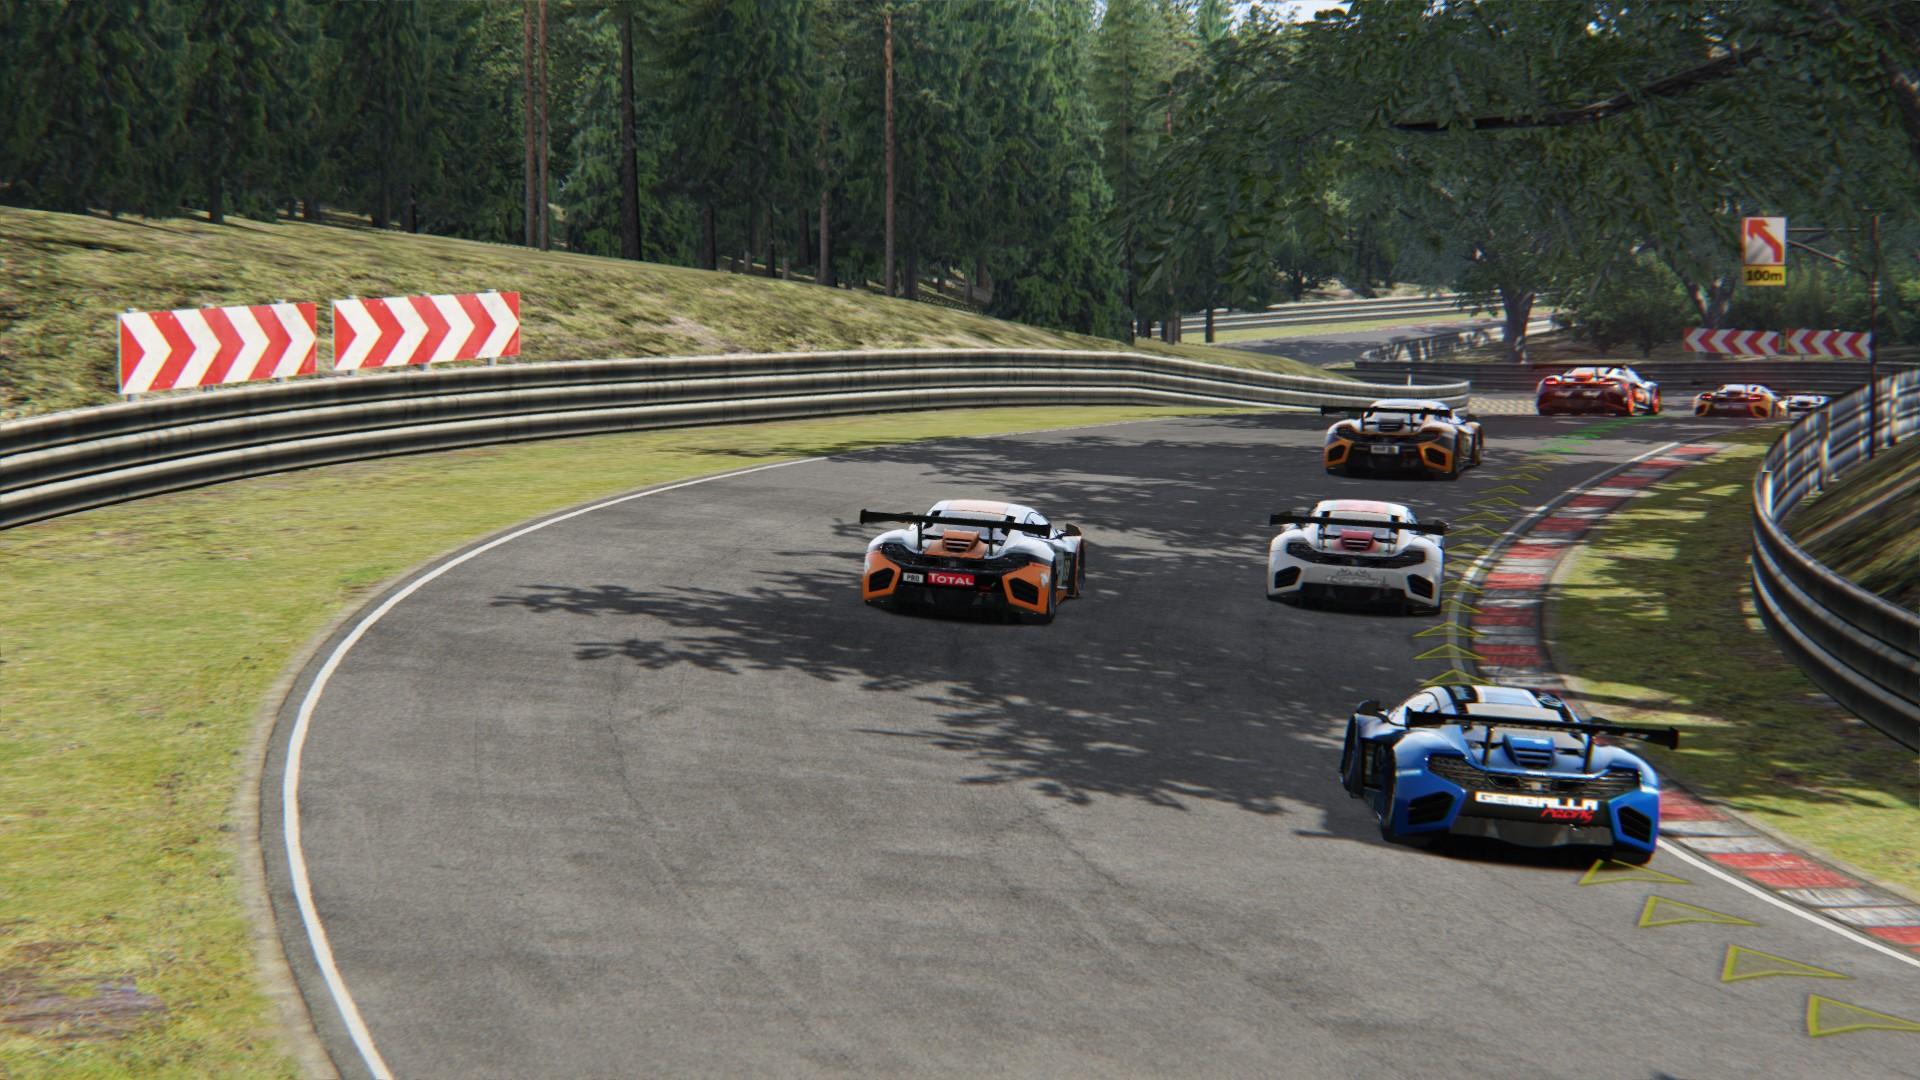 Screenshot_mclaren_mp412c_gt3_deepforest_raceway_1-6-120-22-18-1.jpg